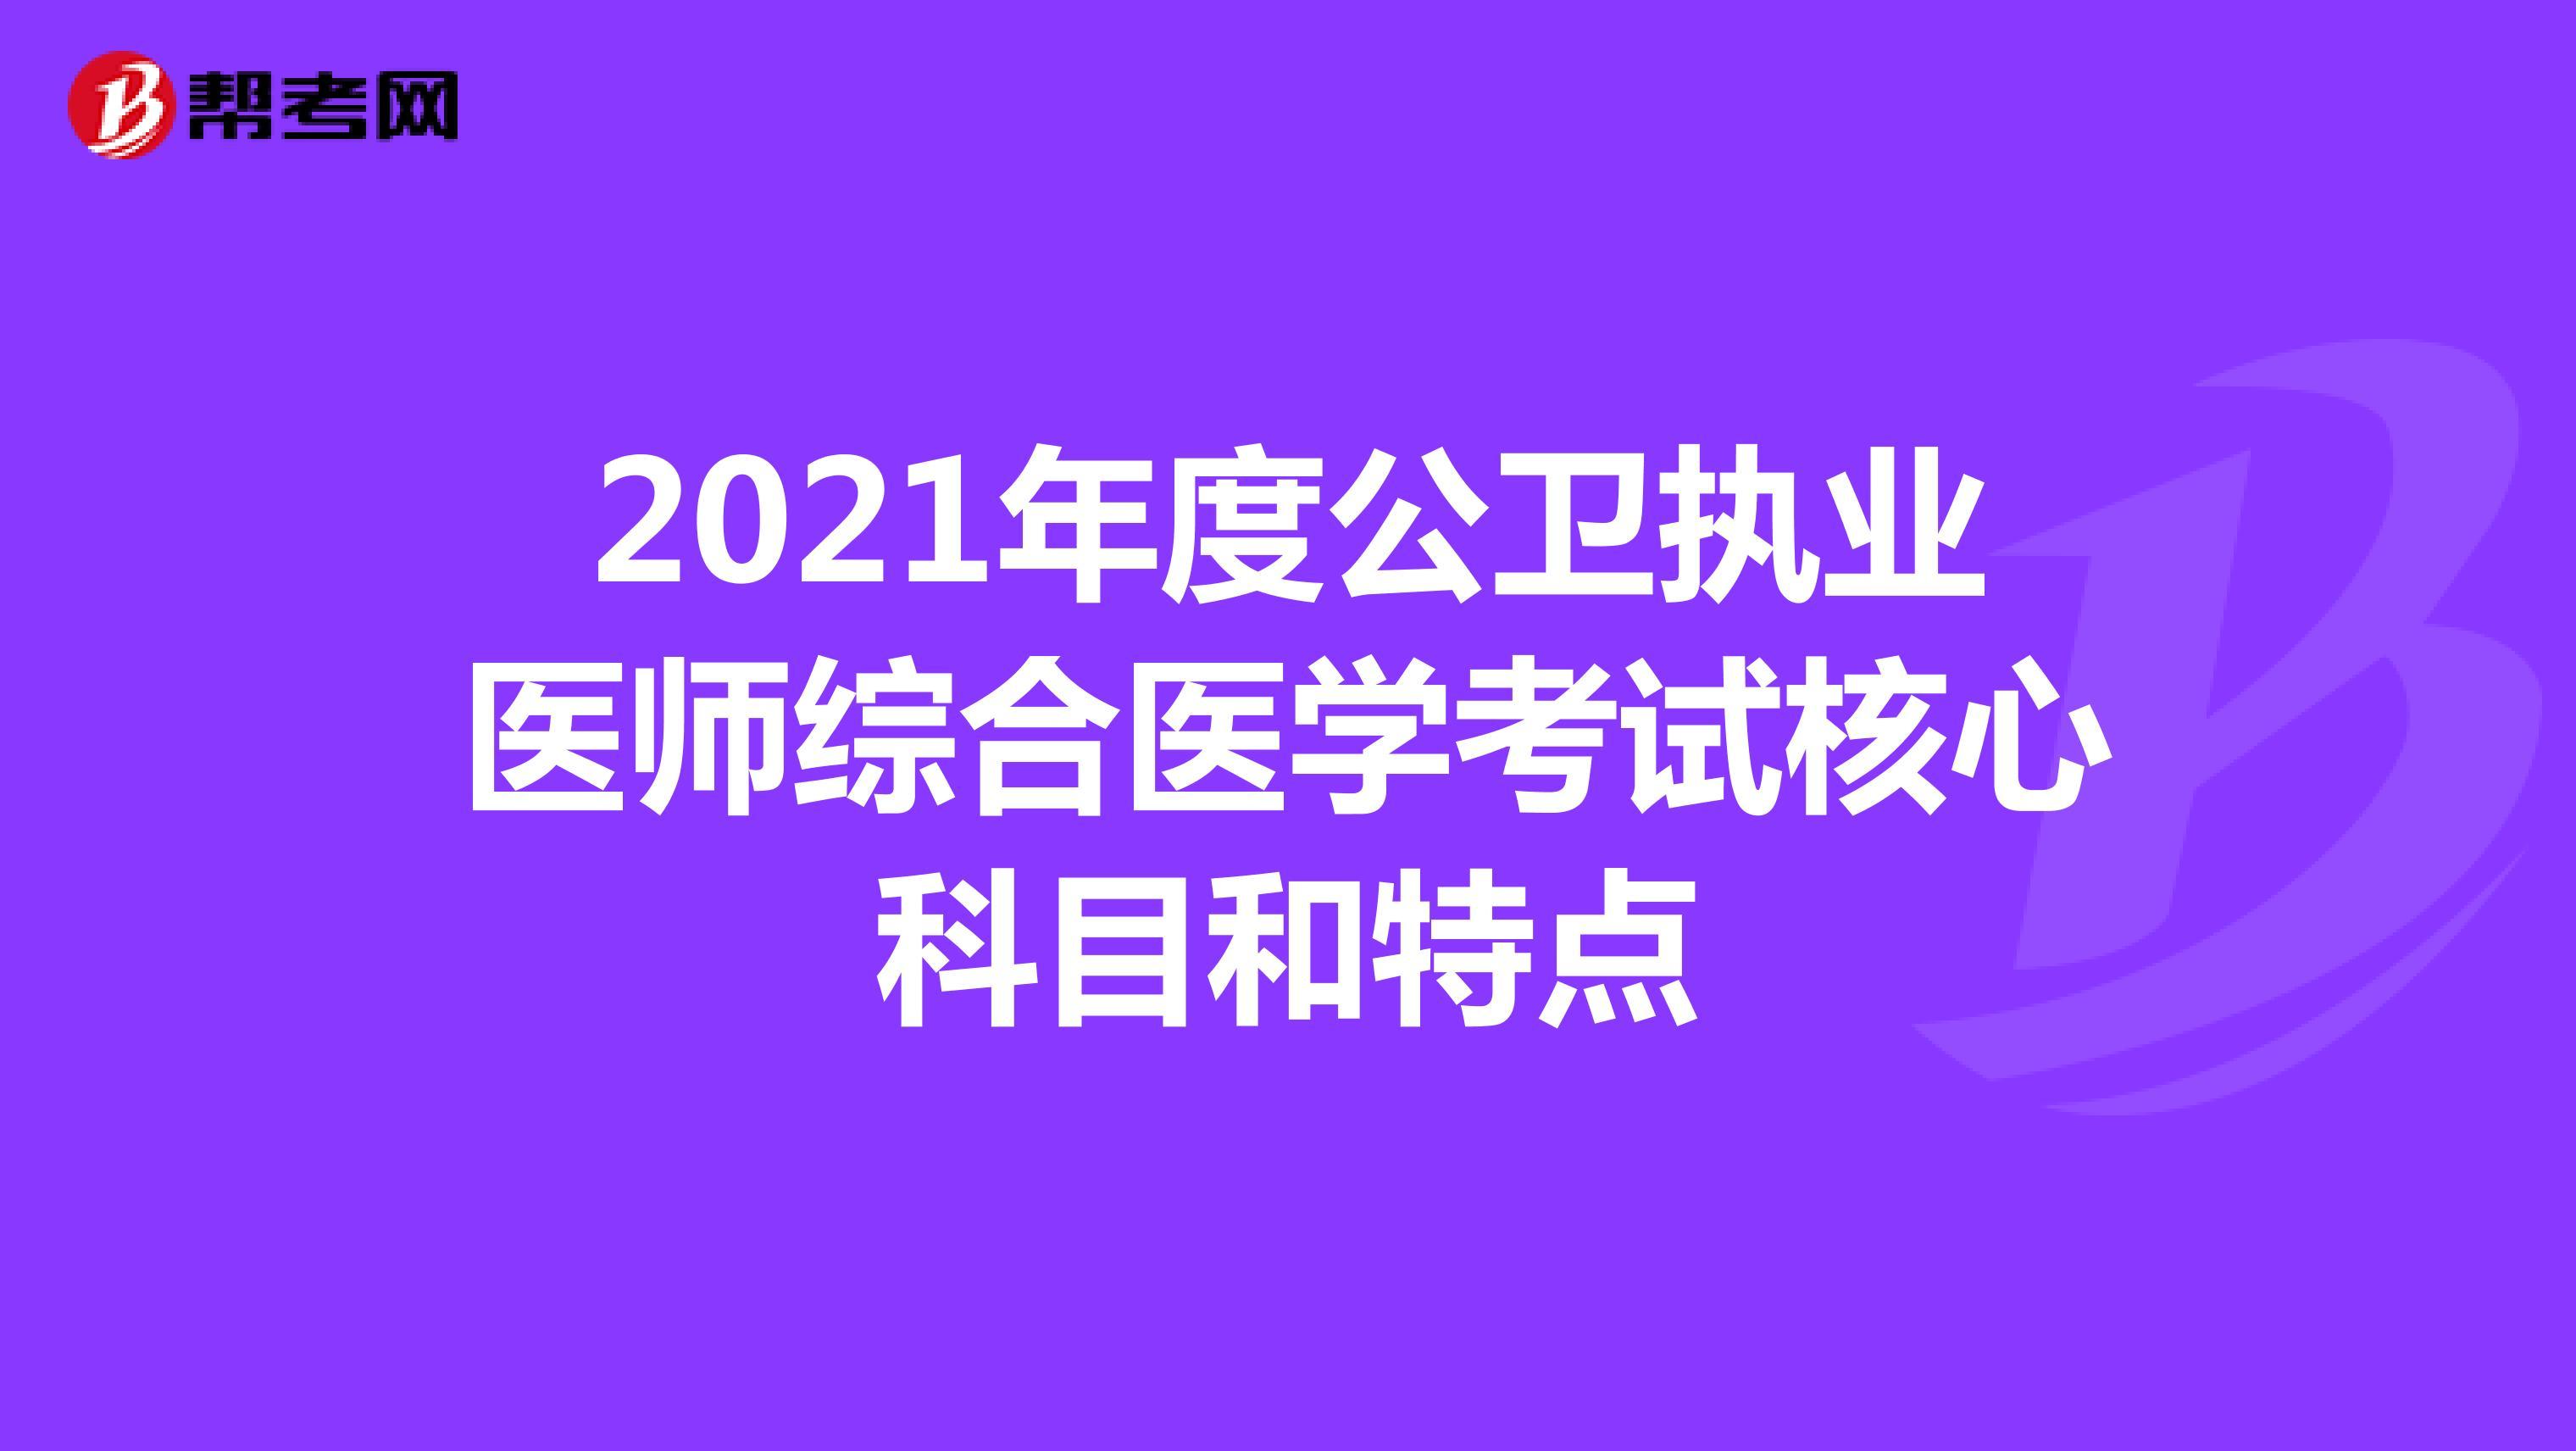 2021年度公卫执业医师综合医学考试核心科目和特点